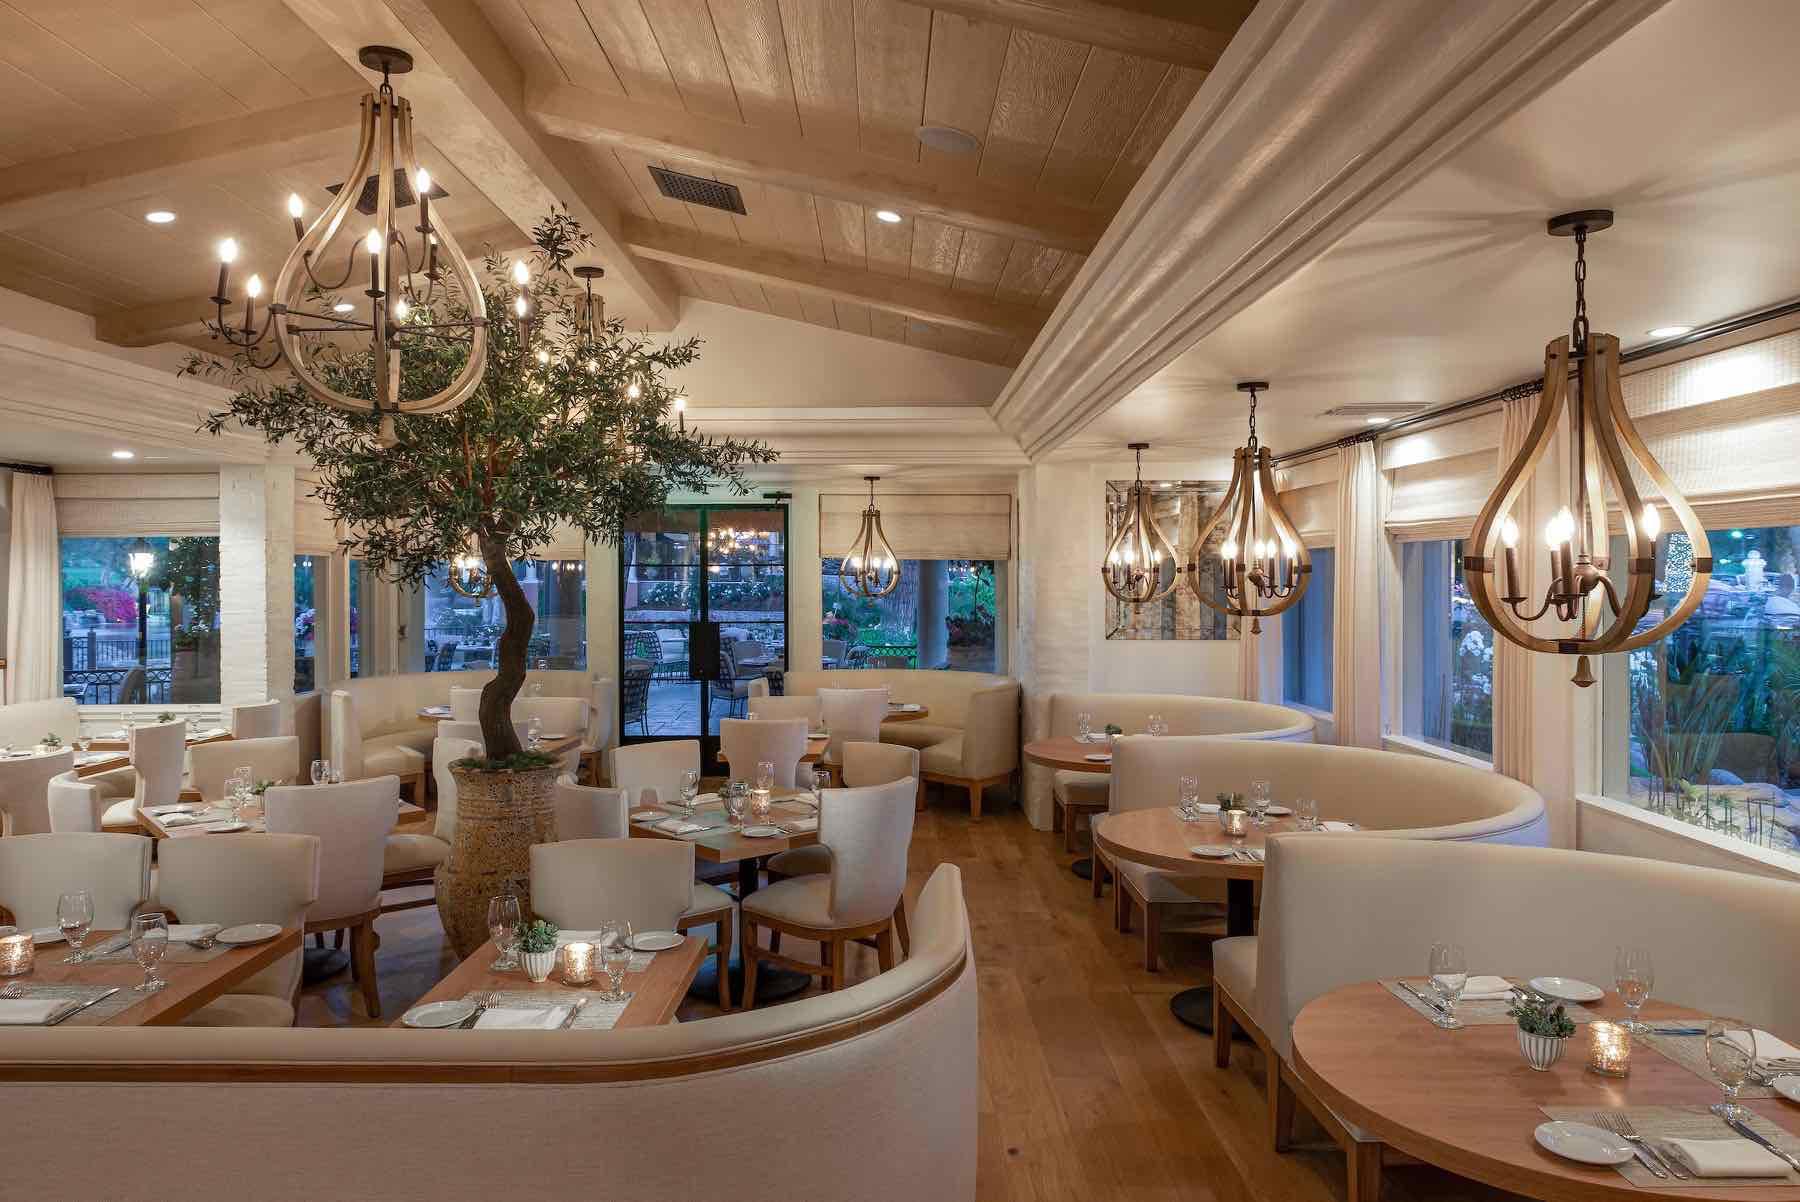 The interior of Mediterraneo one of the best westlake VIllage restaurants